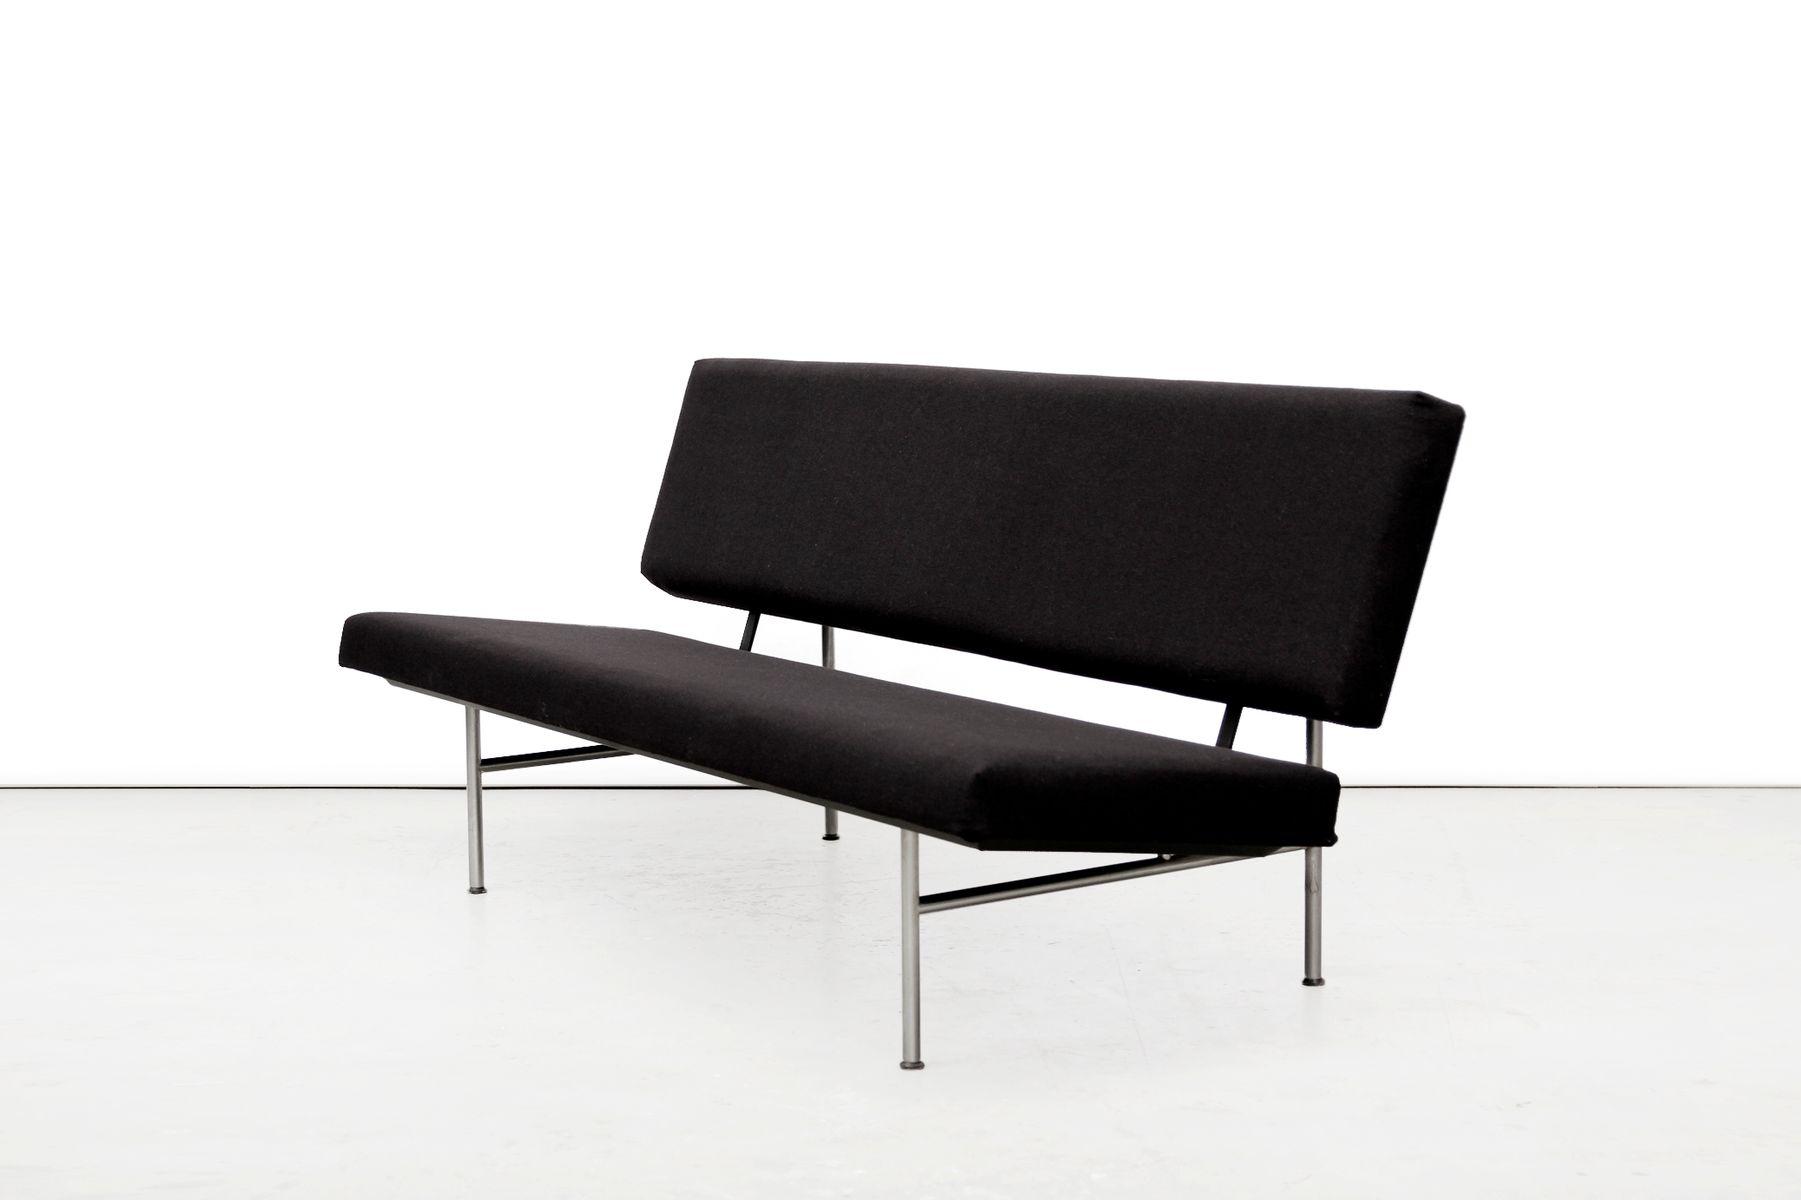 schwarzes sofa von a r cordemeyer f r gispen 1963 bei pamono kaufen. Black Bedroom Furniture Sets. Home Design Ideas